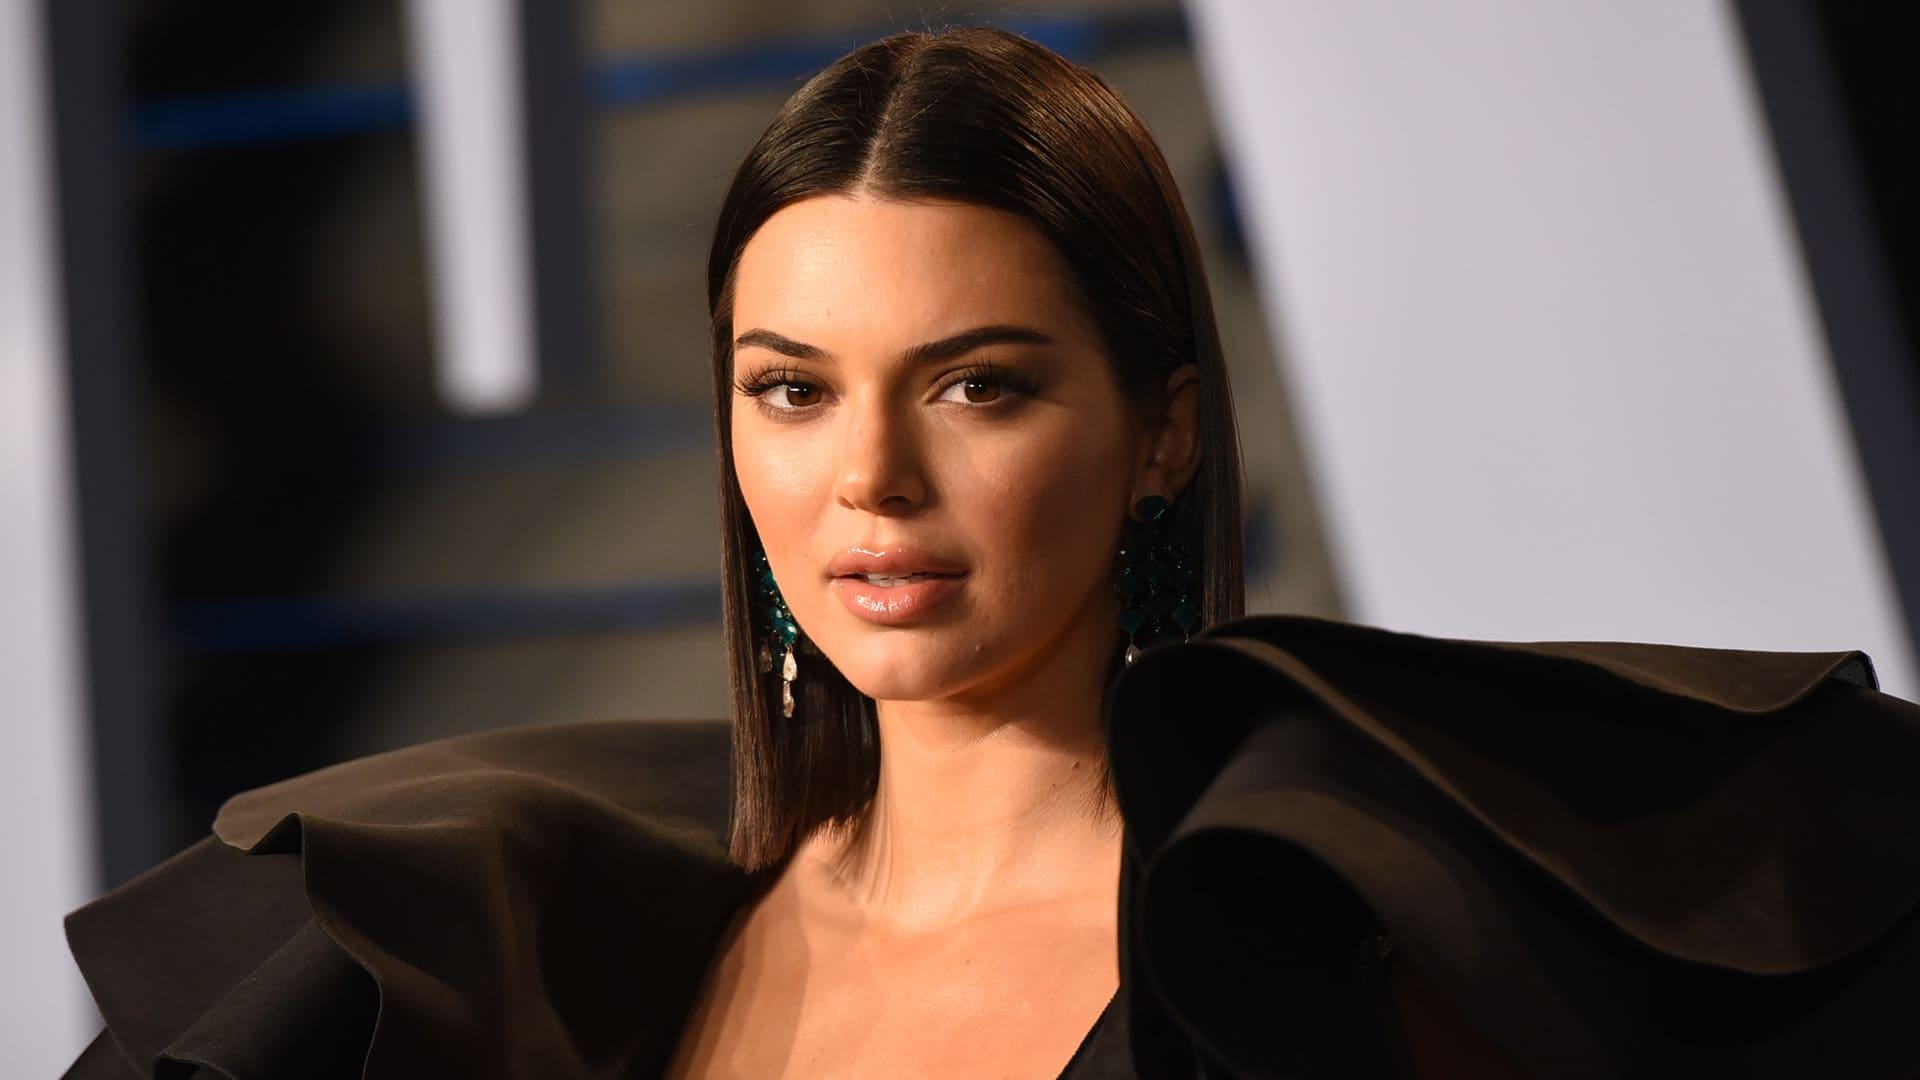 Kendall Jenner : elle se confie sur ce trouble mental qui la ronge depuis son enfance